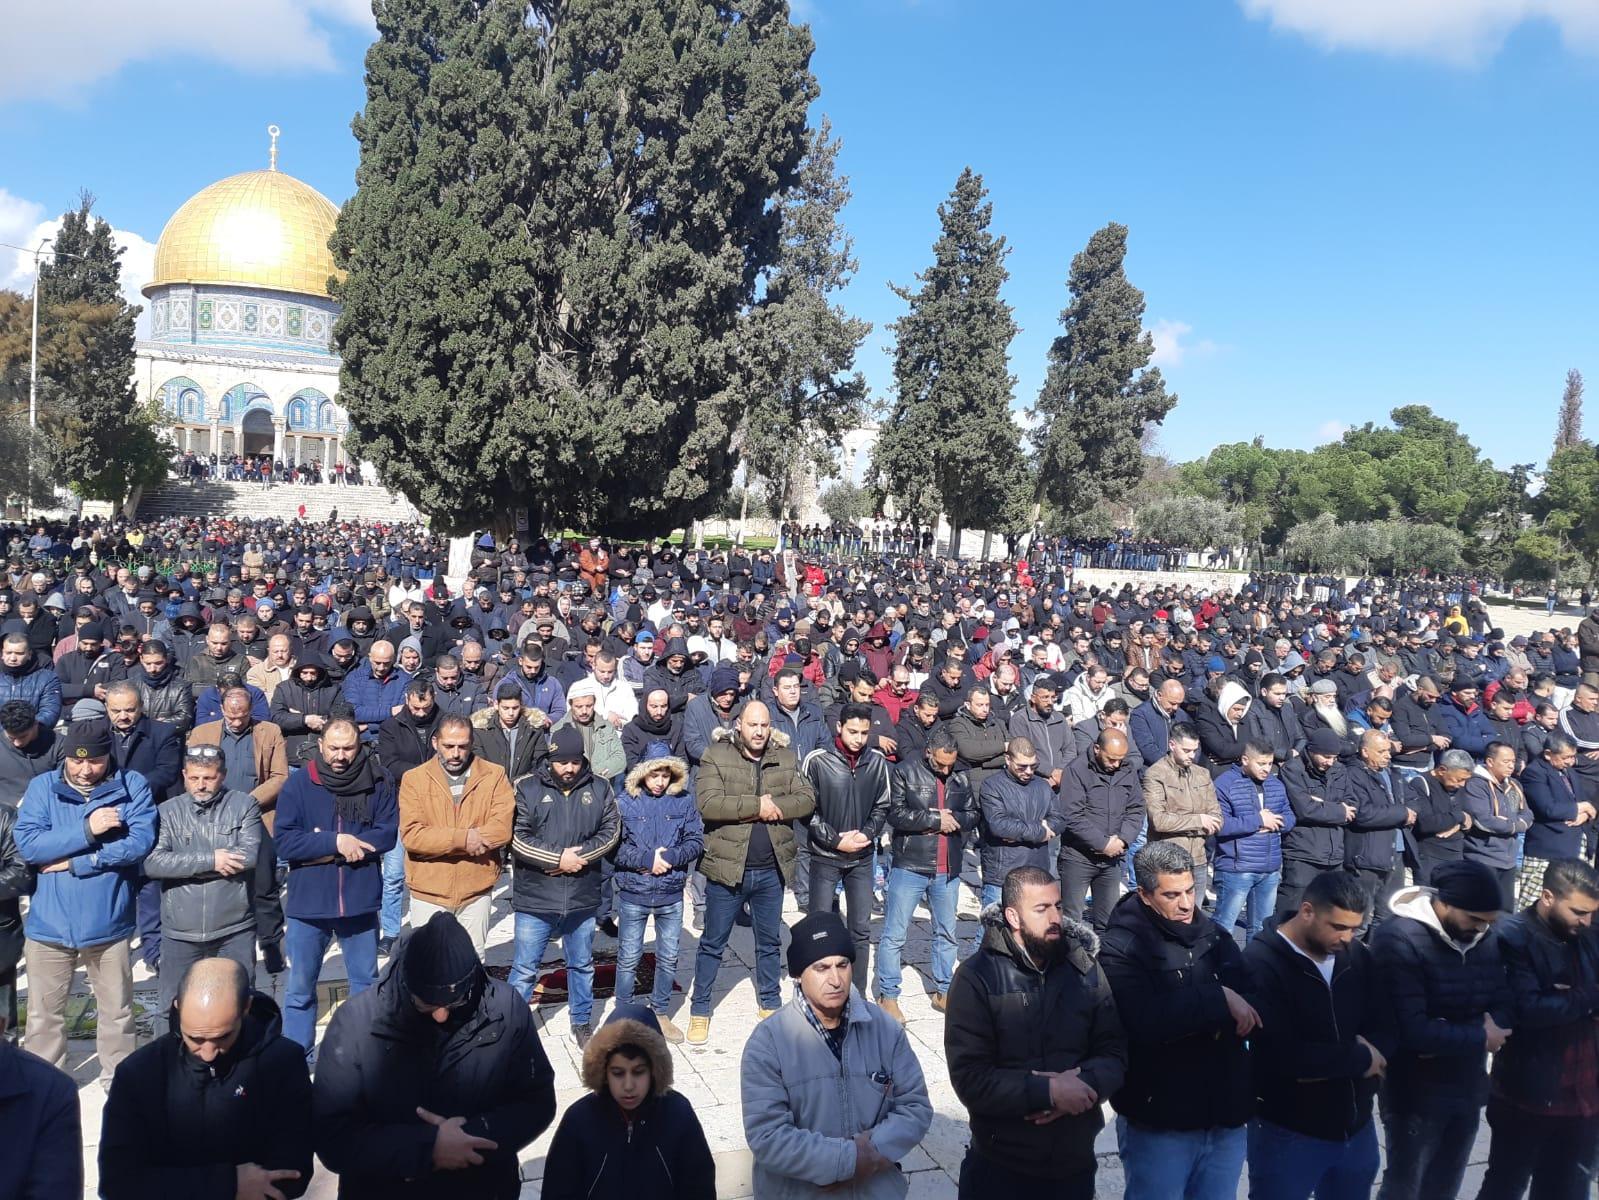 حشود فلسطينية تؤدي الجمعة بالأقصى رغم قيود الاحتلال